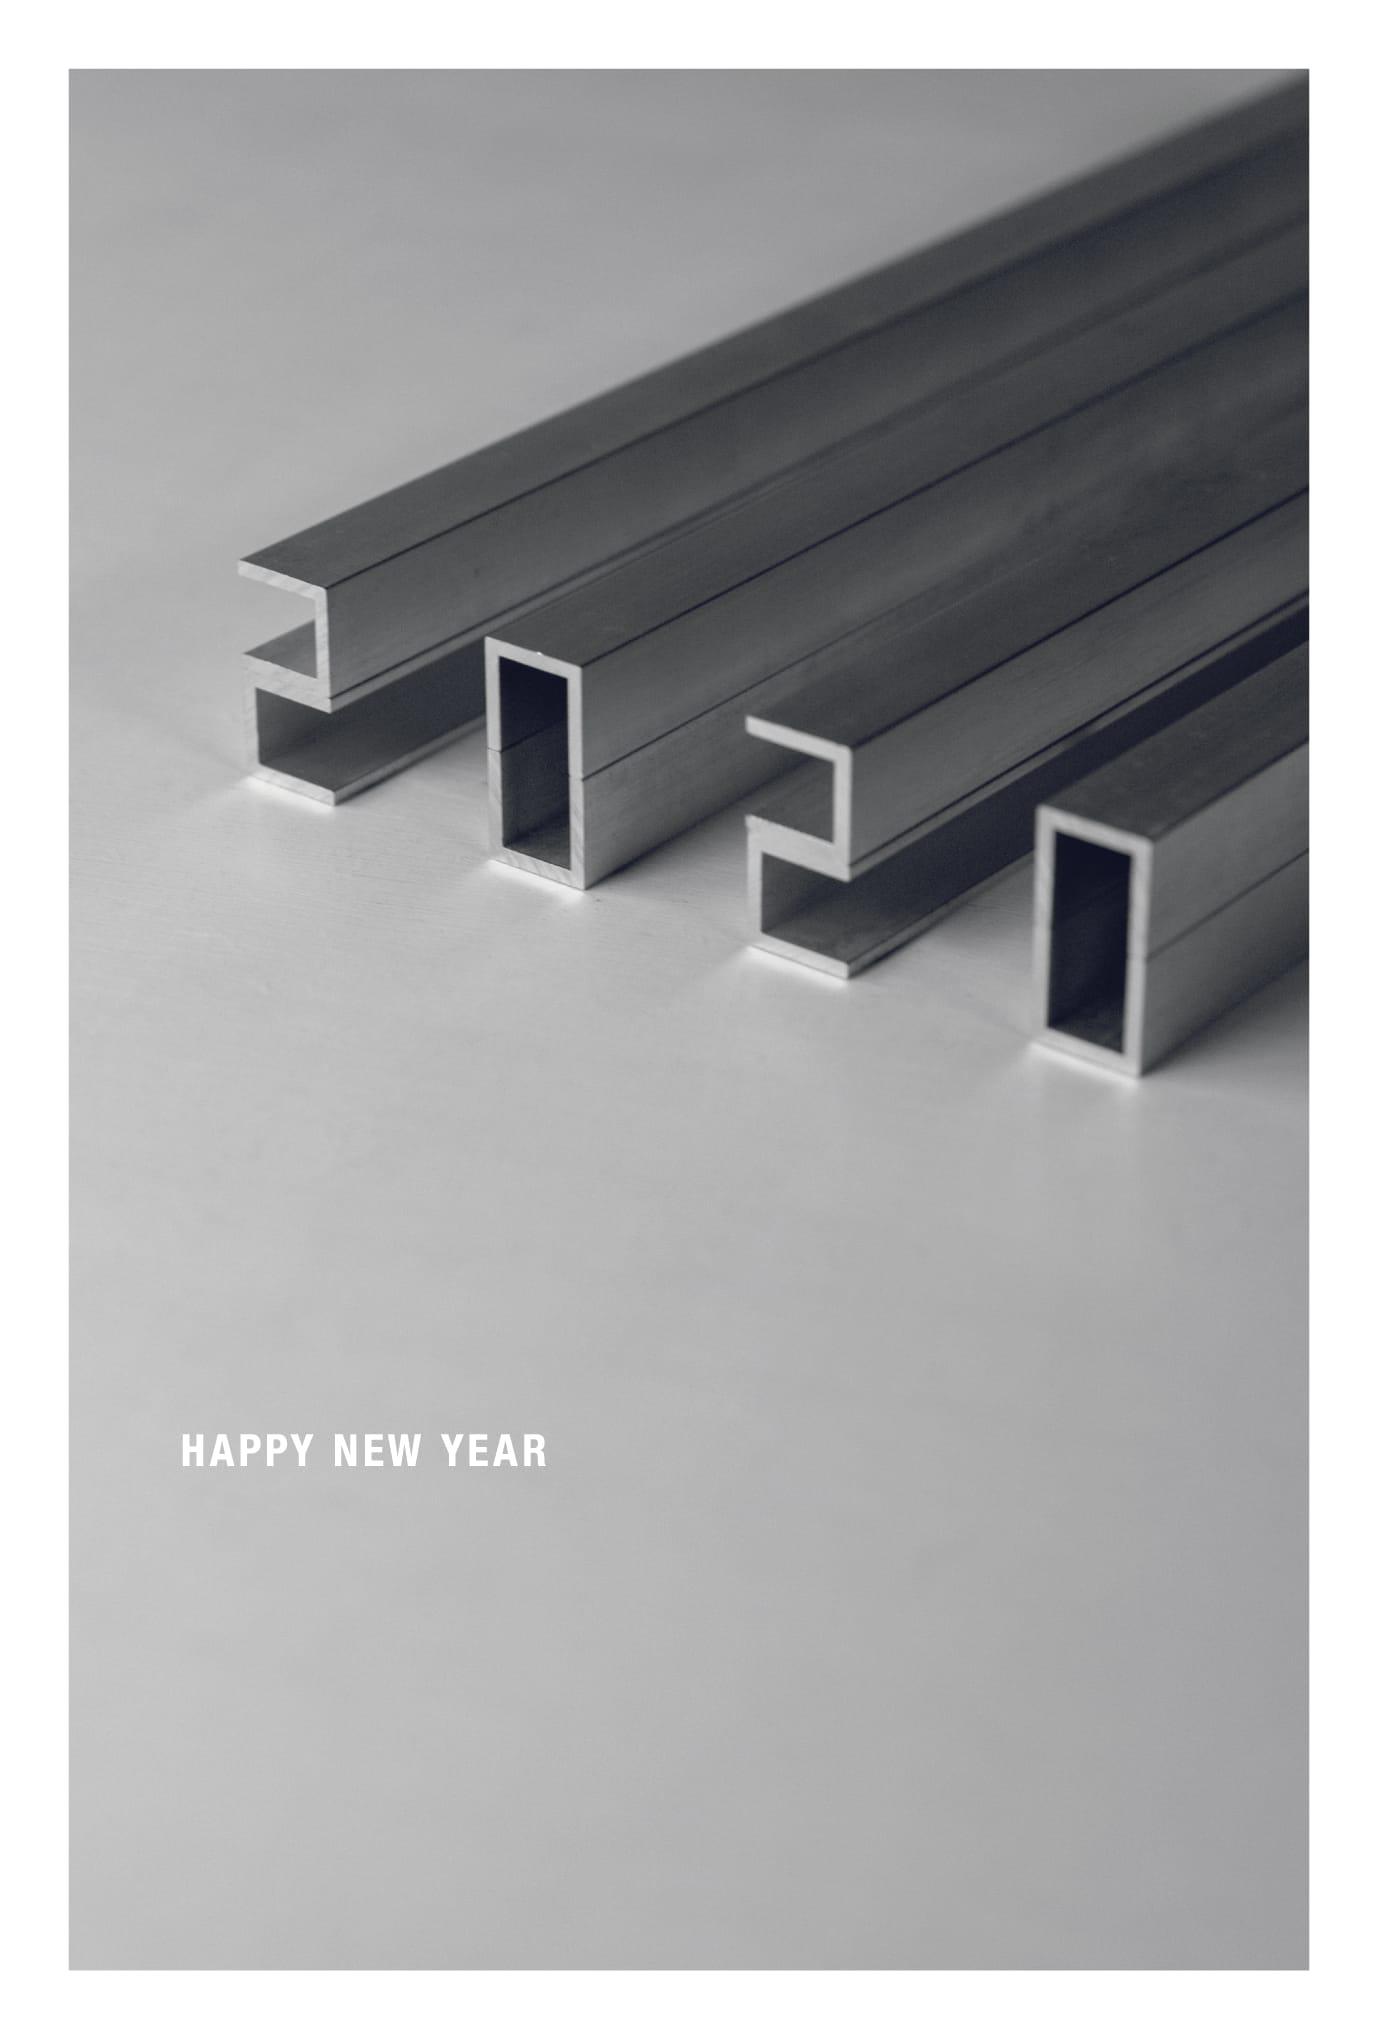 2020年賀状06-1:Alumi-new-m 2020 / 縦のダウンロード画像